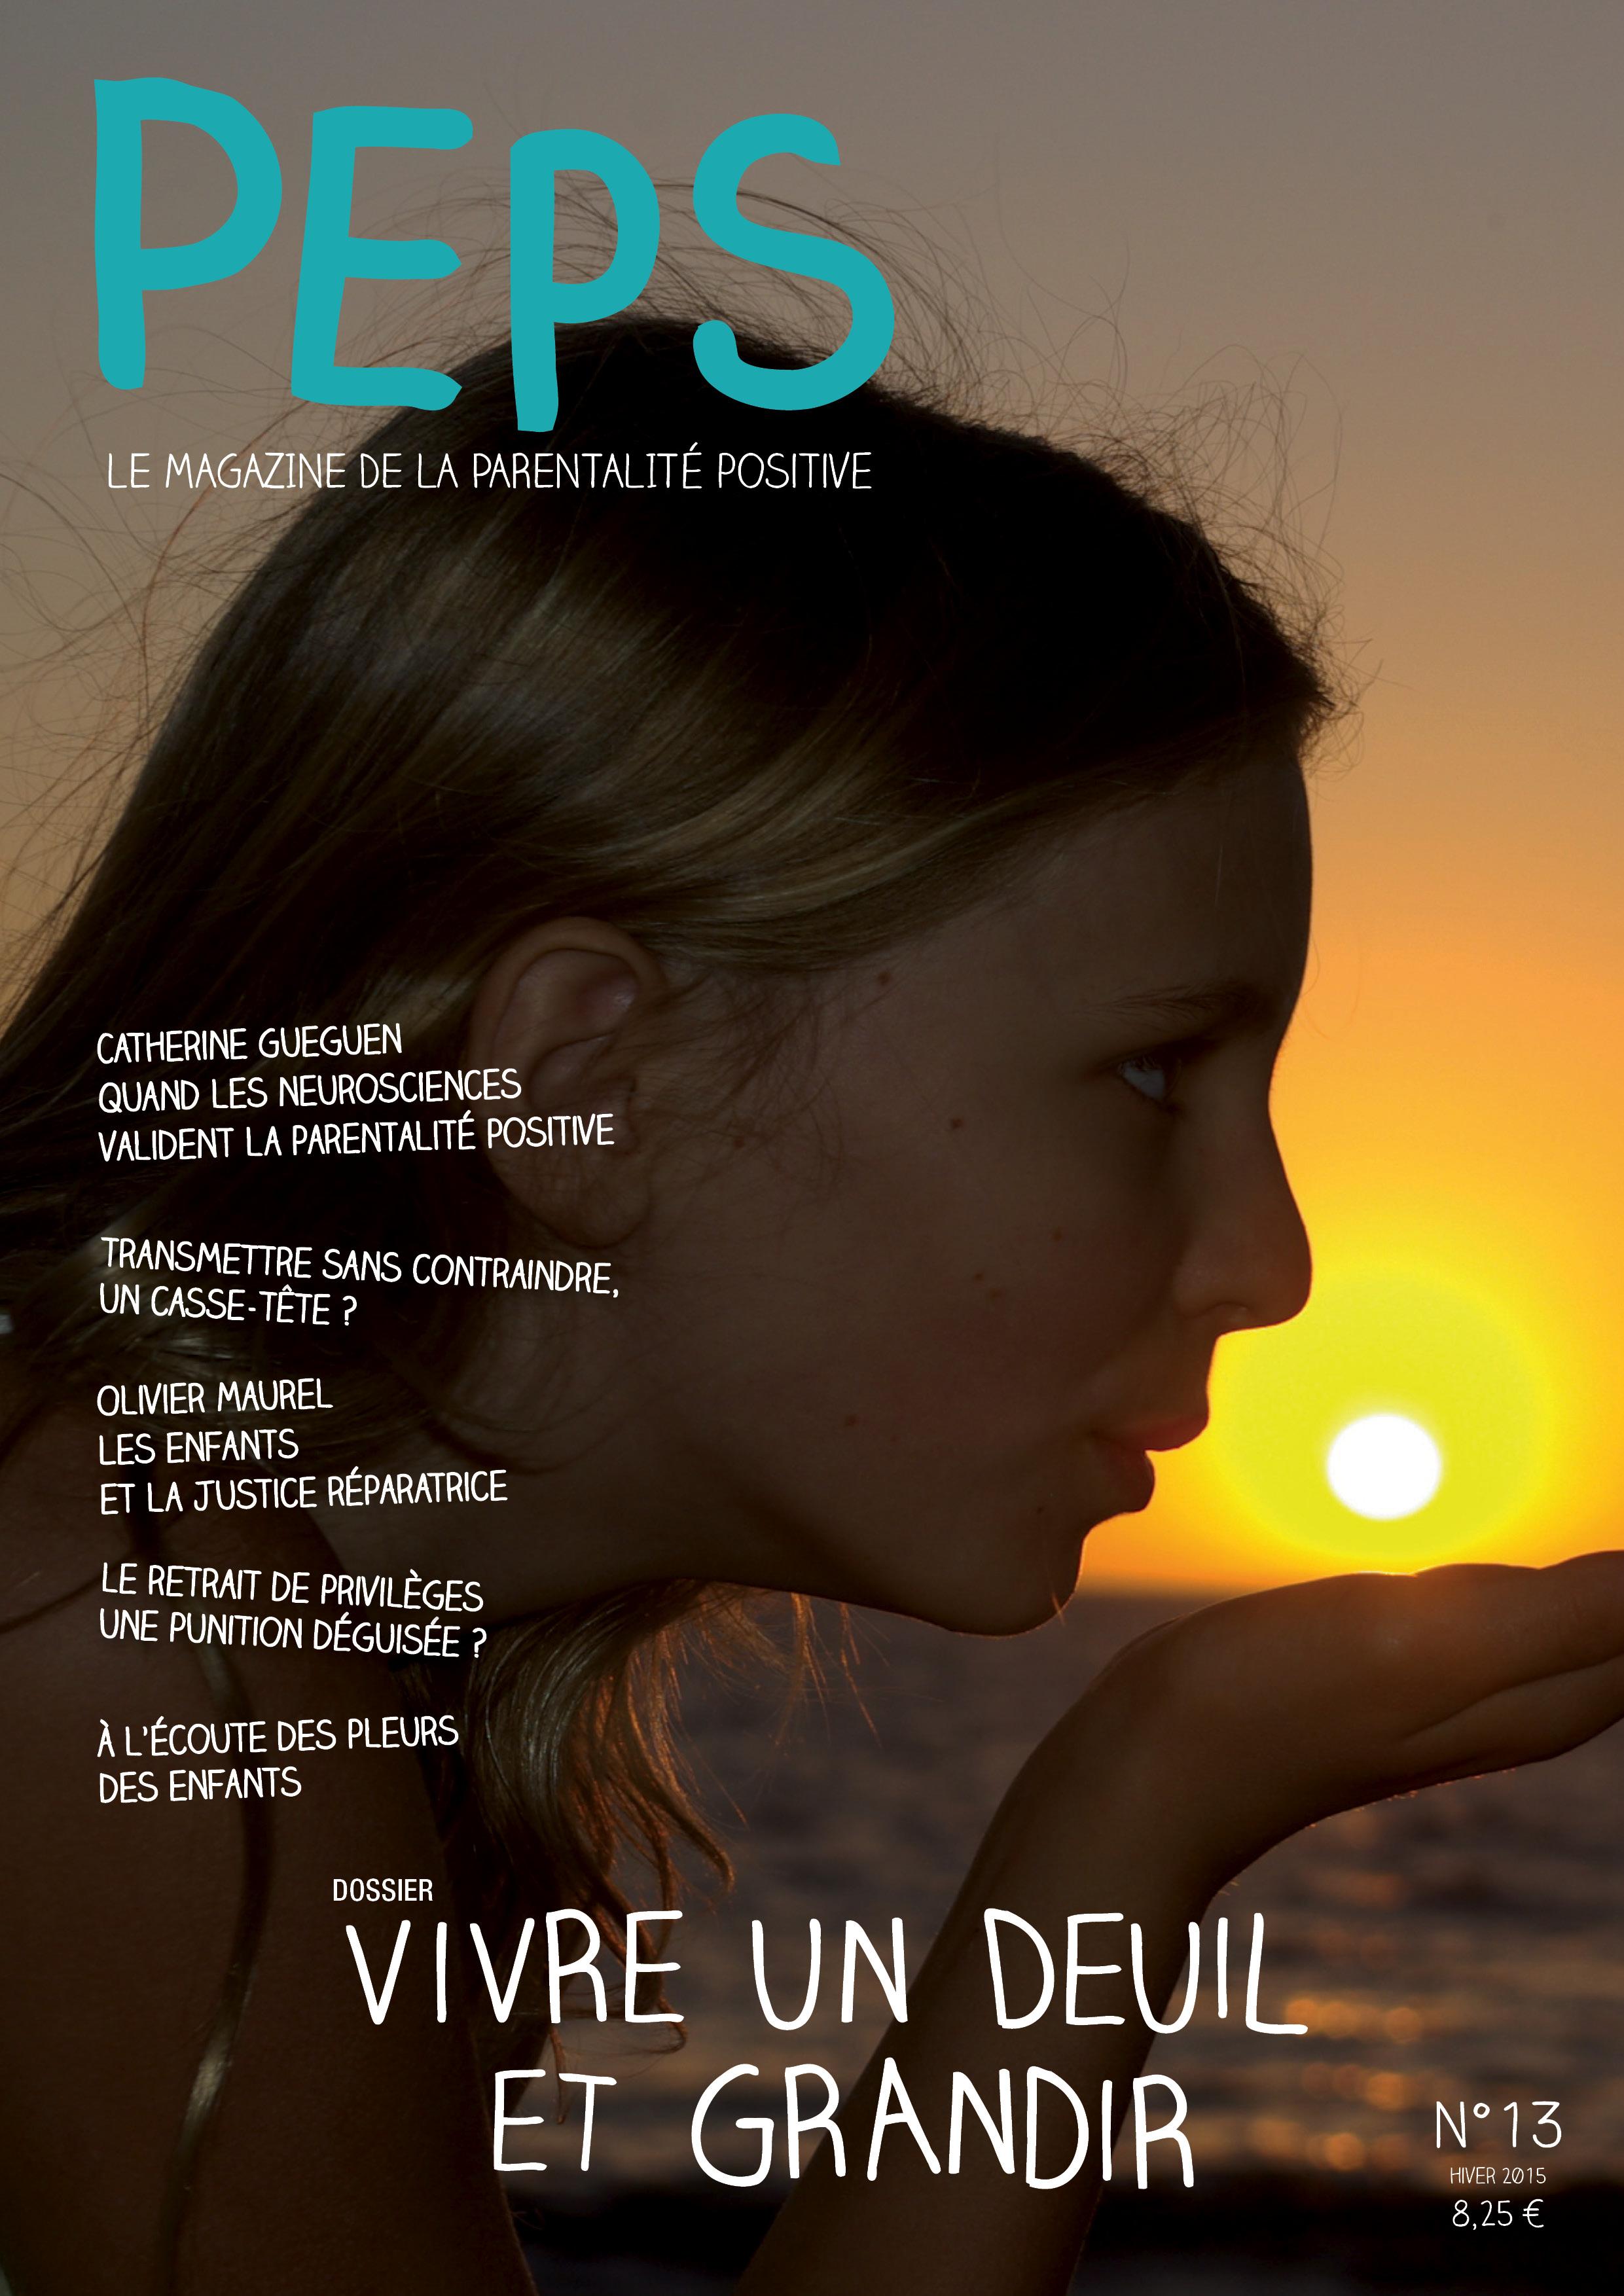 """Janvier 2016 : Peps n°13 et son dossier """"Vivre un deuil et grandir"""" est sorti."""